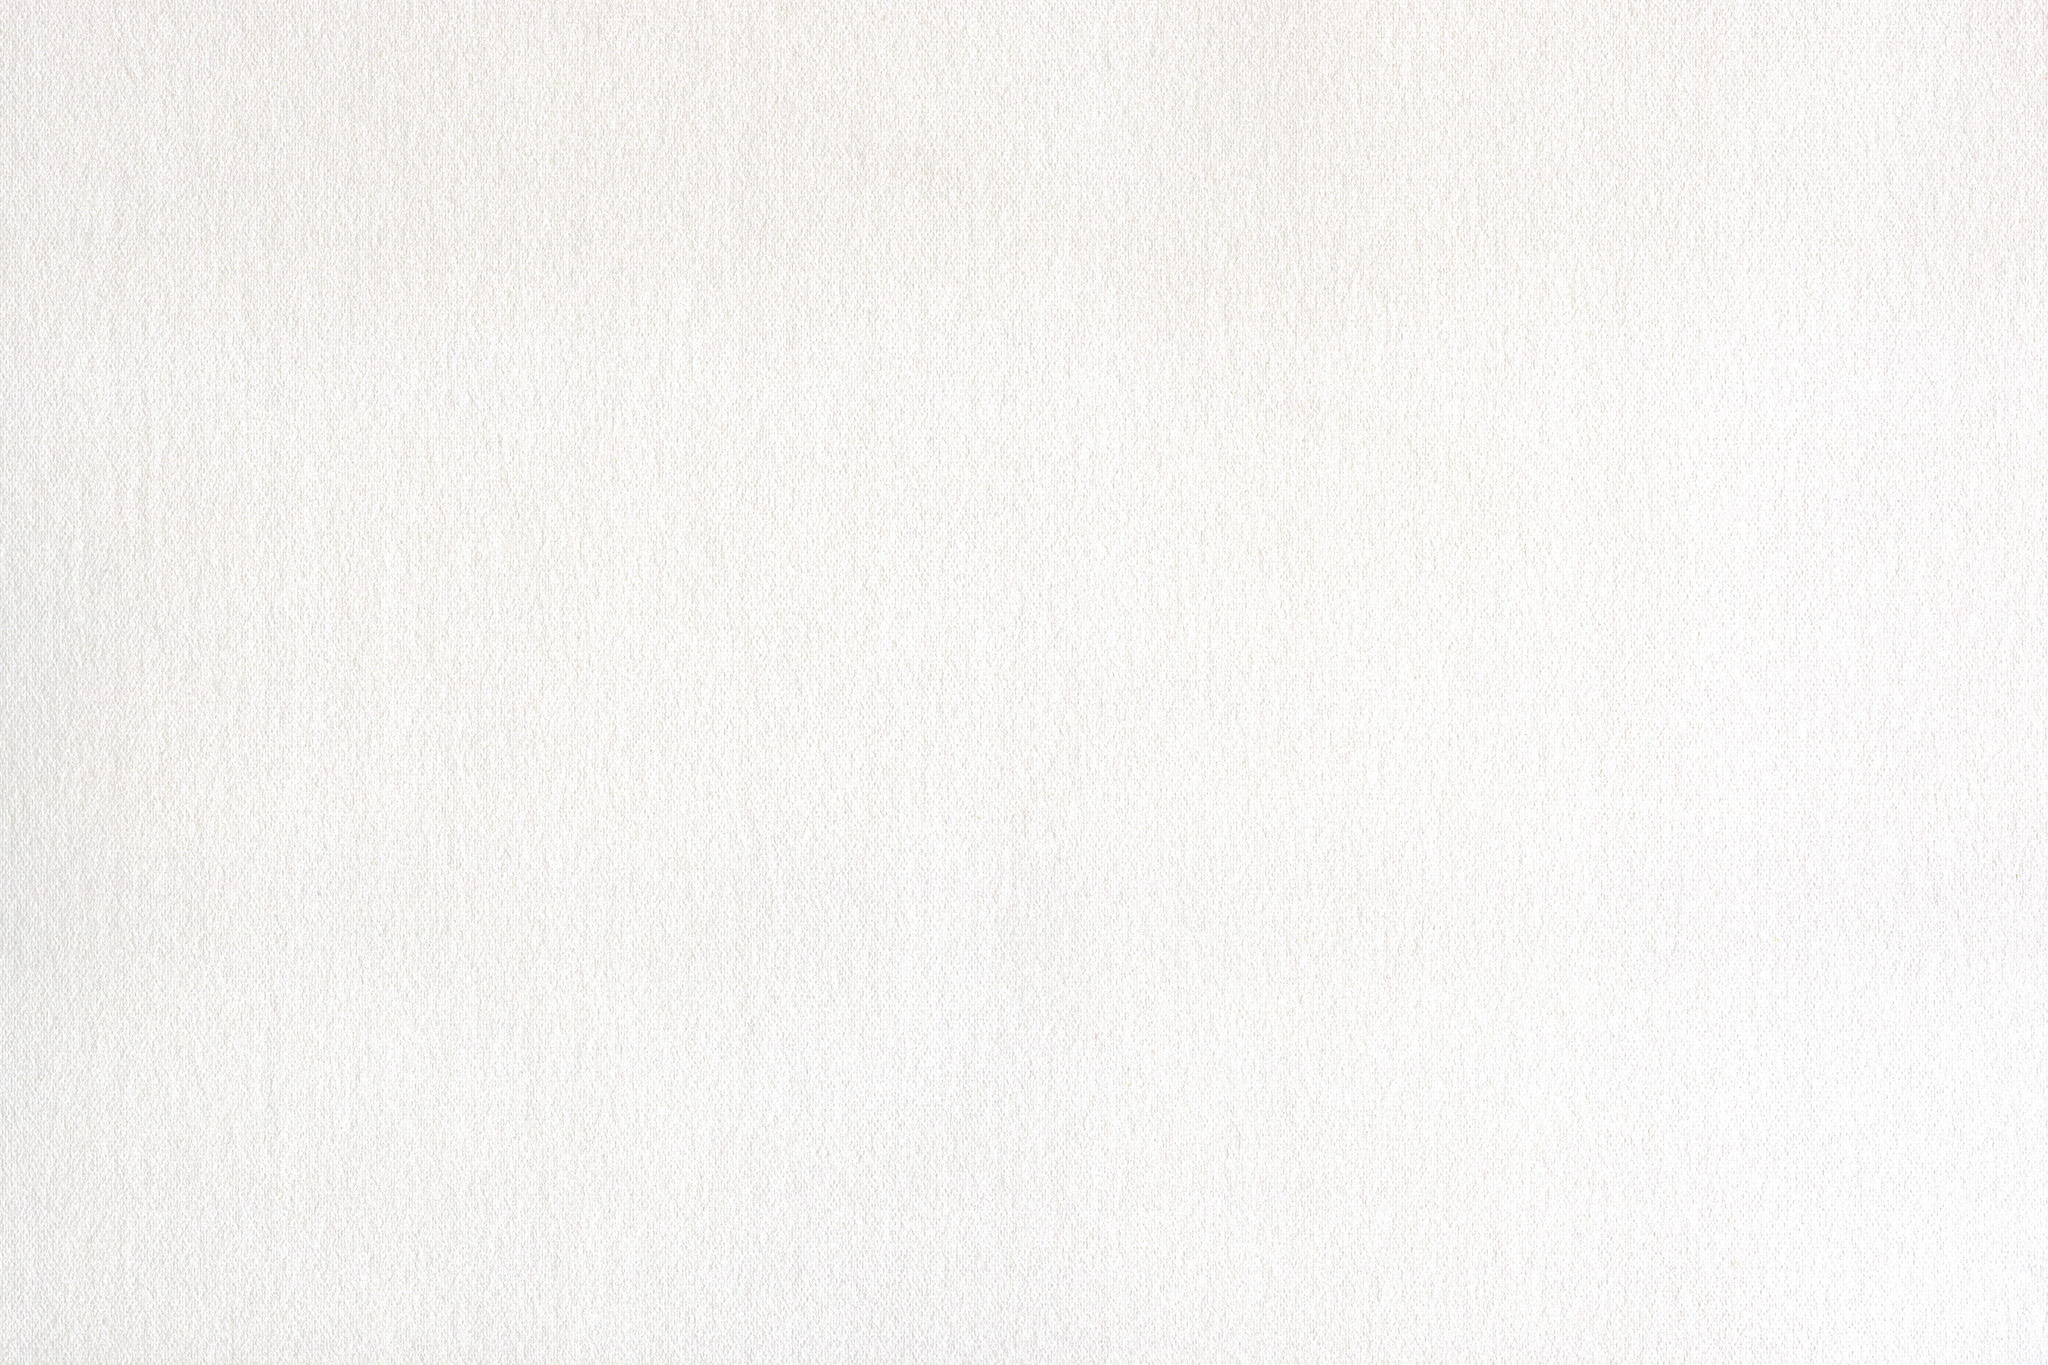 「白い紙」